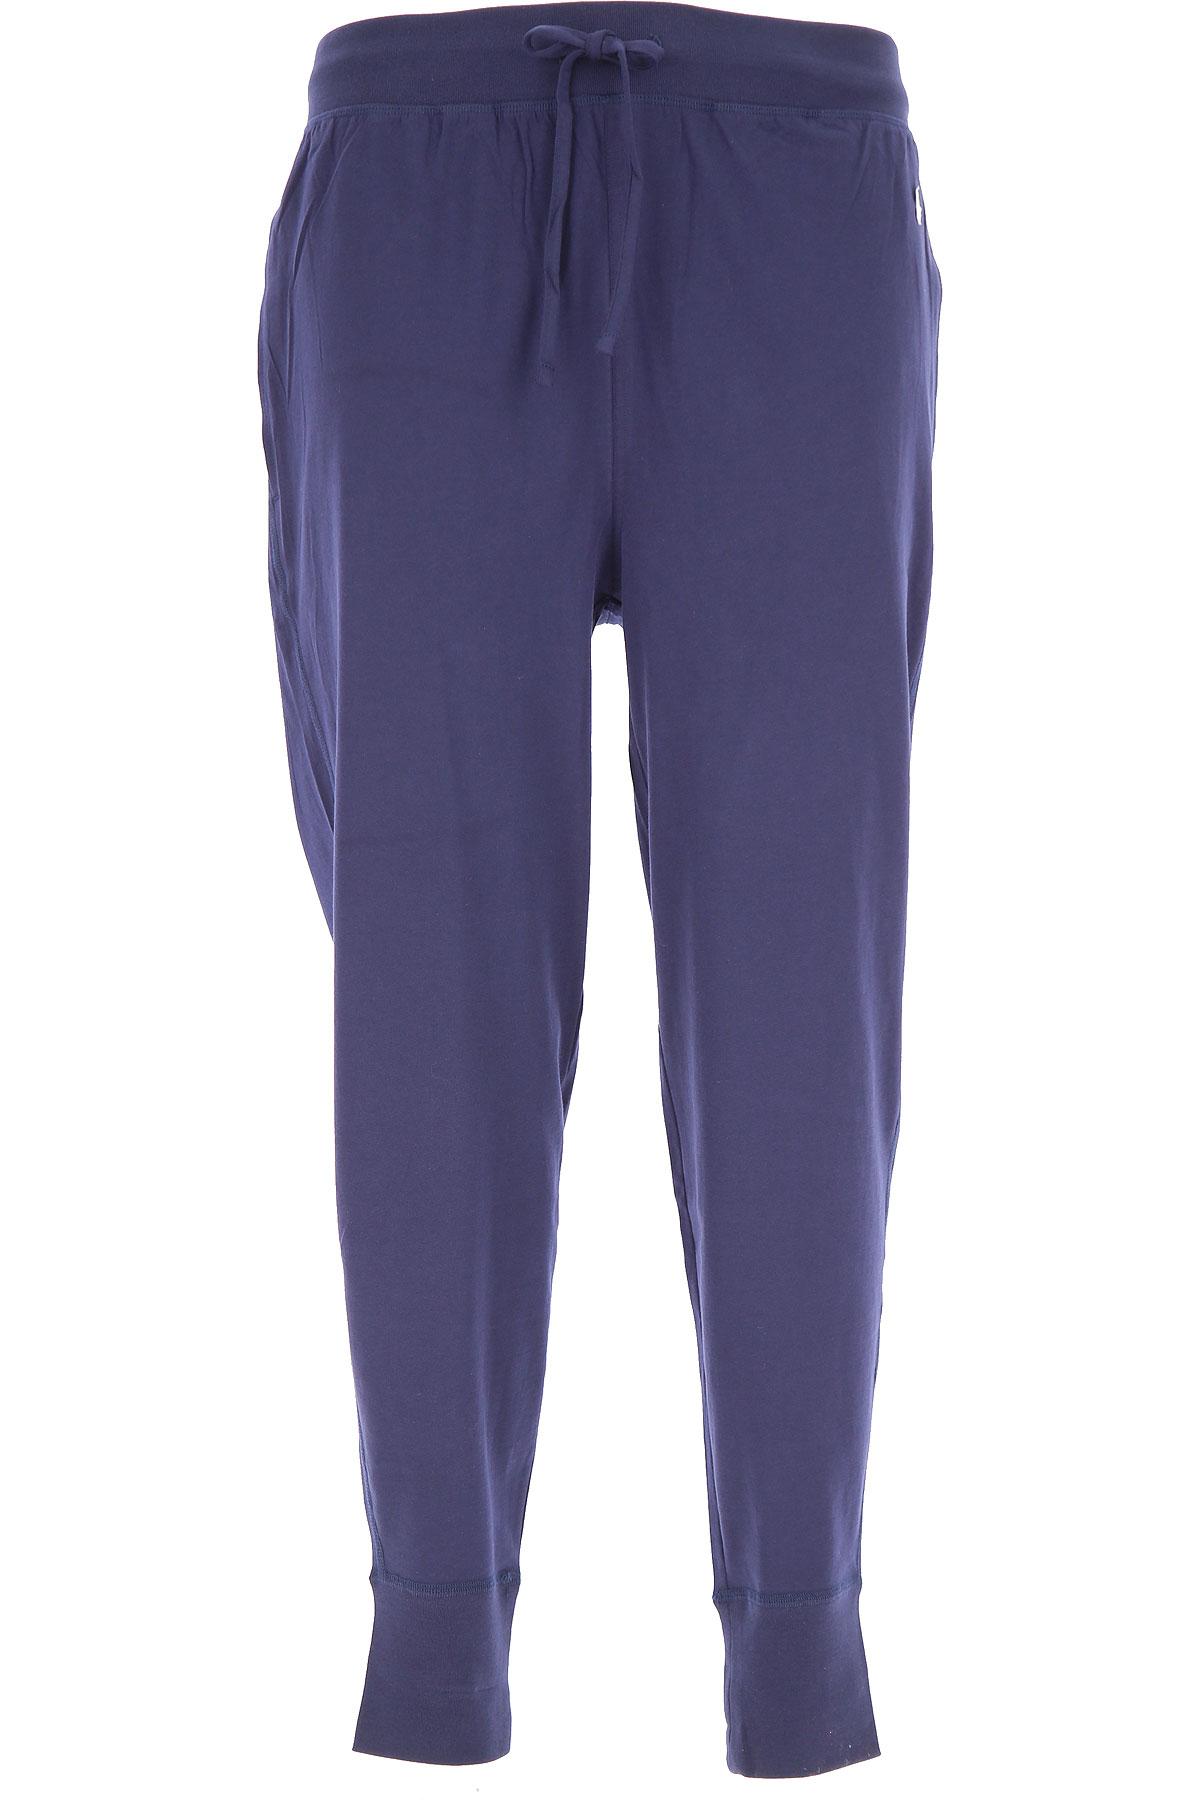 Ralph Lauren Loungewear for Men On Sale in Outlet, Blu Navy, Cotton, 2019, L (IT 5) XL (IT 6)